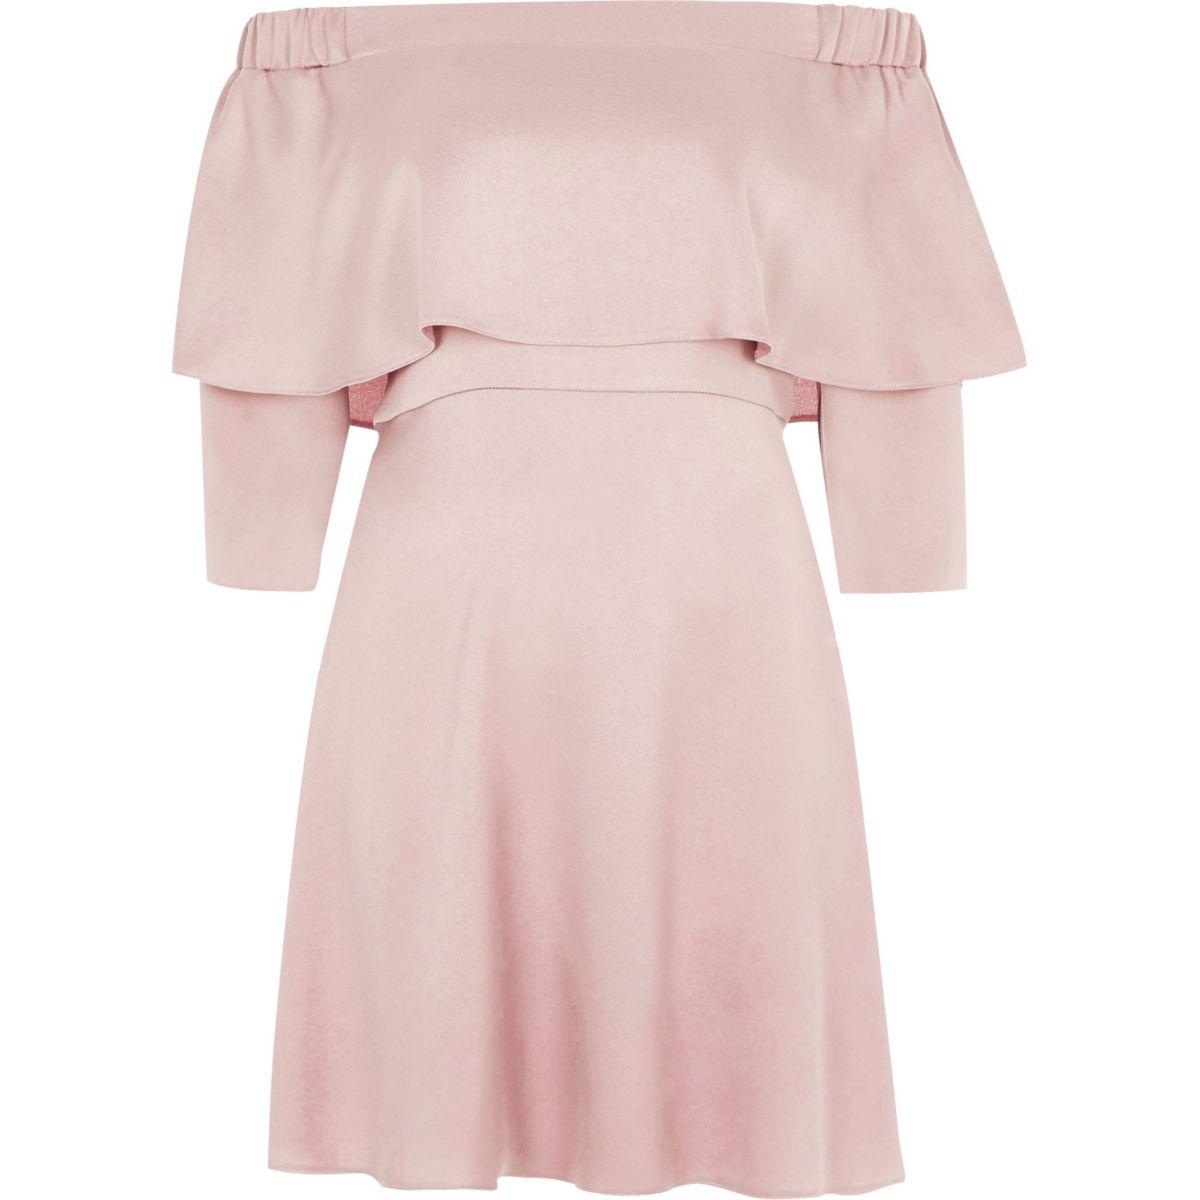 Pink frill bardot swing dress